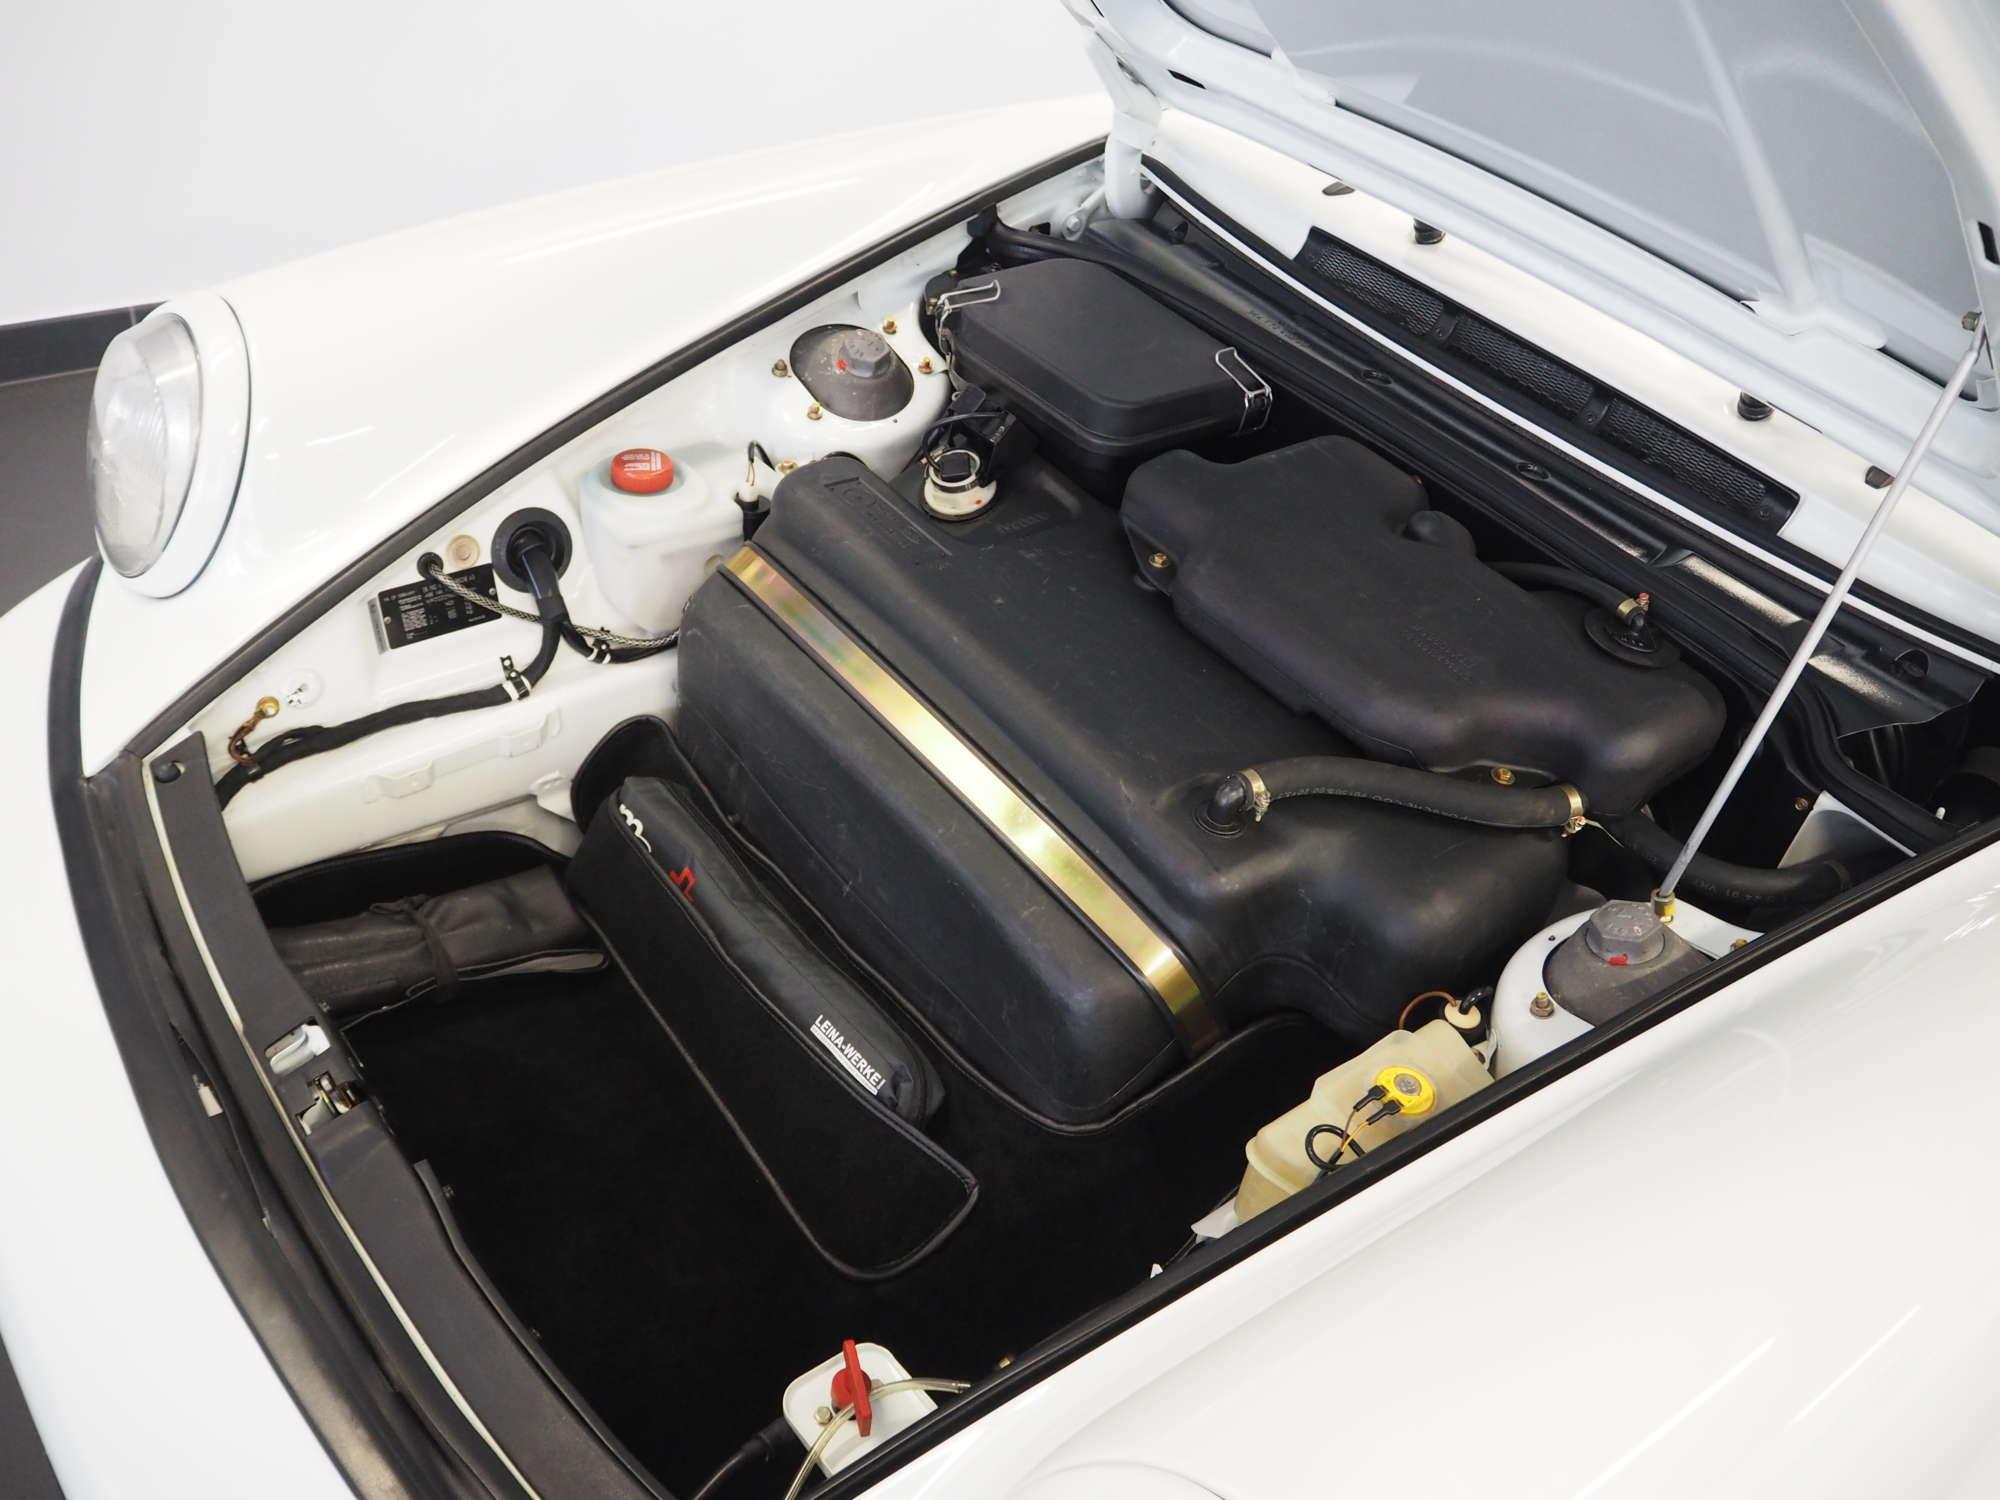 Porsche 911 Carrera RS 964 1992 frunk Kofferraum